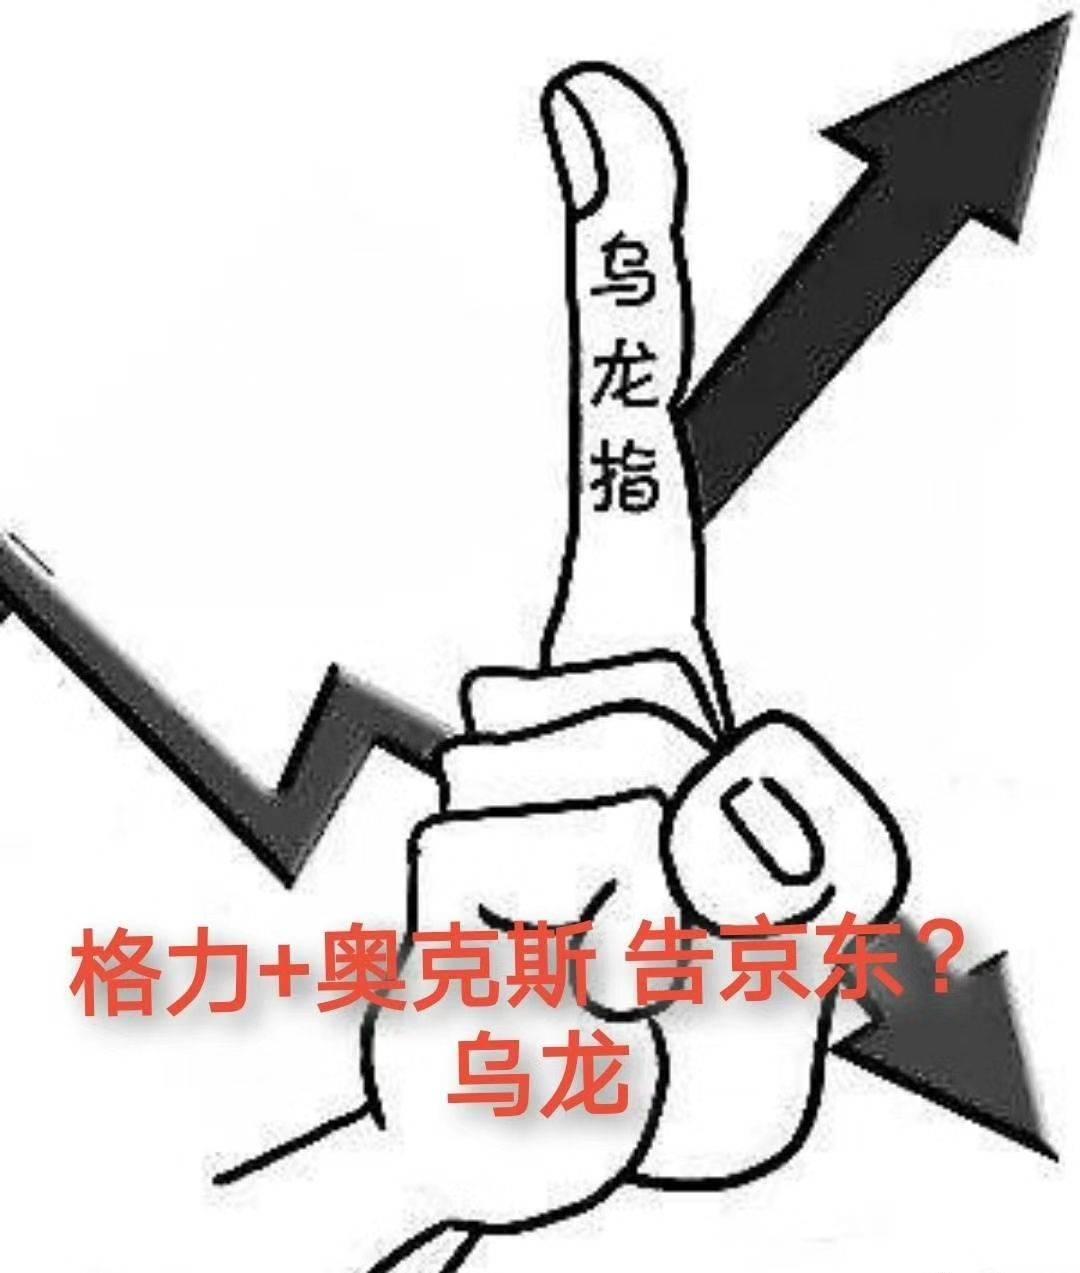 彩神8app官网下载:但是后来这条新闻被打了个正着 群主在京东商城买橡皮娃娃的笑话